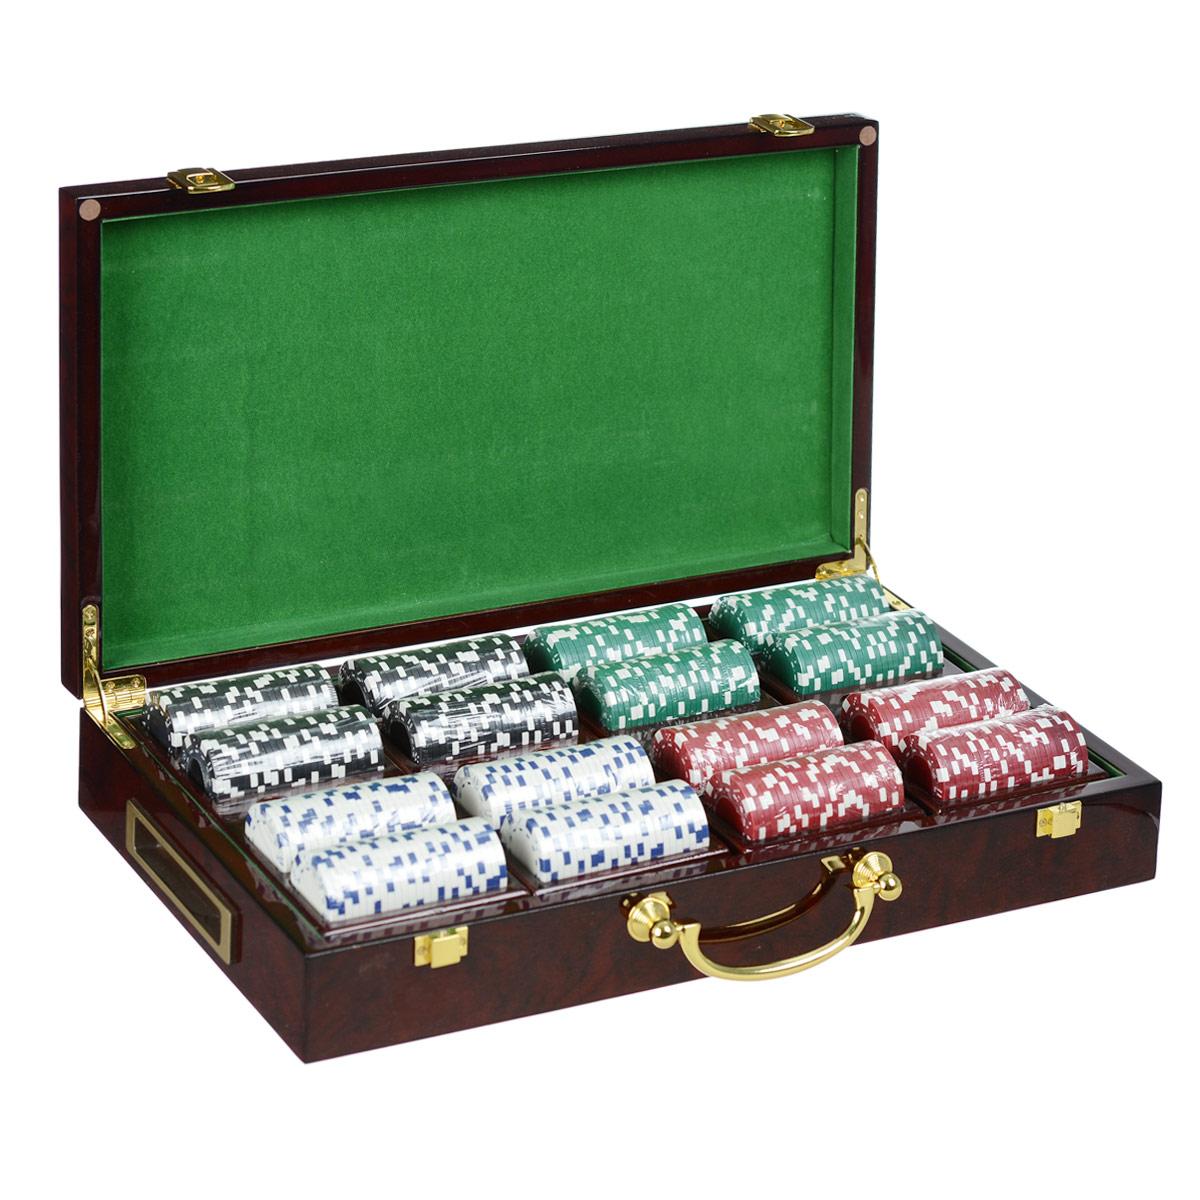 Подарочный набор Русские Подарки Казино, размер: 45*26*8 см. 4452444524Набор для игры в покер Казино - то, что нужно для отличного проведения досуга. Набор состоит из двух колод игральных карт, 400 игровых пластиковых фишек и пяти игровых кубиков. Набор фишек состоит из 100 фишек белого цвета, 100 фишек черного цвета, 100 фишек красного цвета и 100 фишек зеленого цвета. Фишки выполнены без указания номинала. Предметы набора хранятся в стильном деревянном кейсе, внутри которого есть специальные секции для фишек. Такой набор станет отличным подарком для любителей покера. Количество игроков: 5 и более.